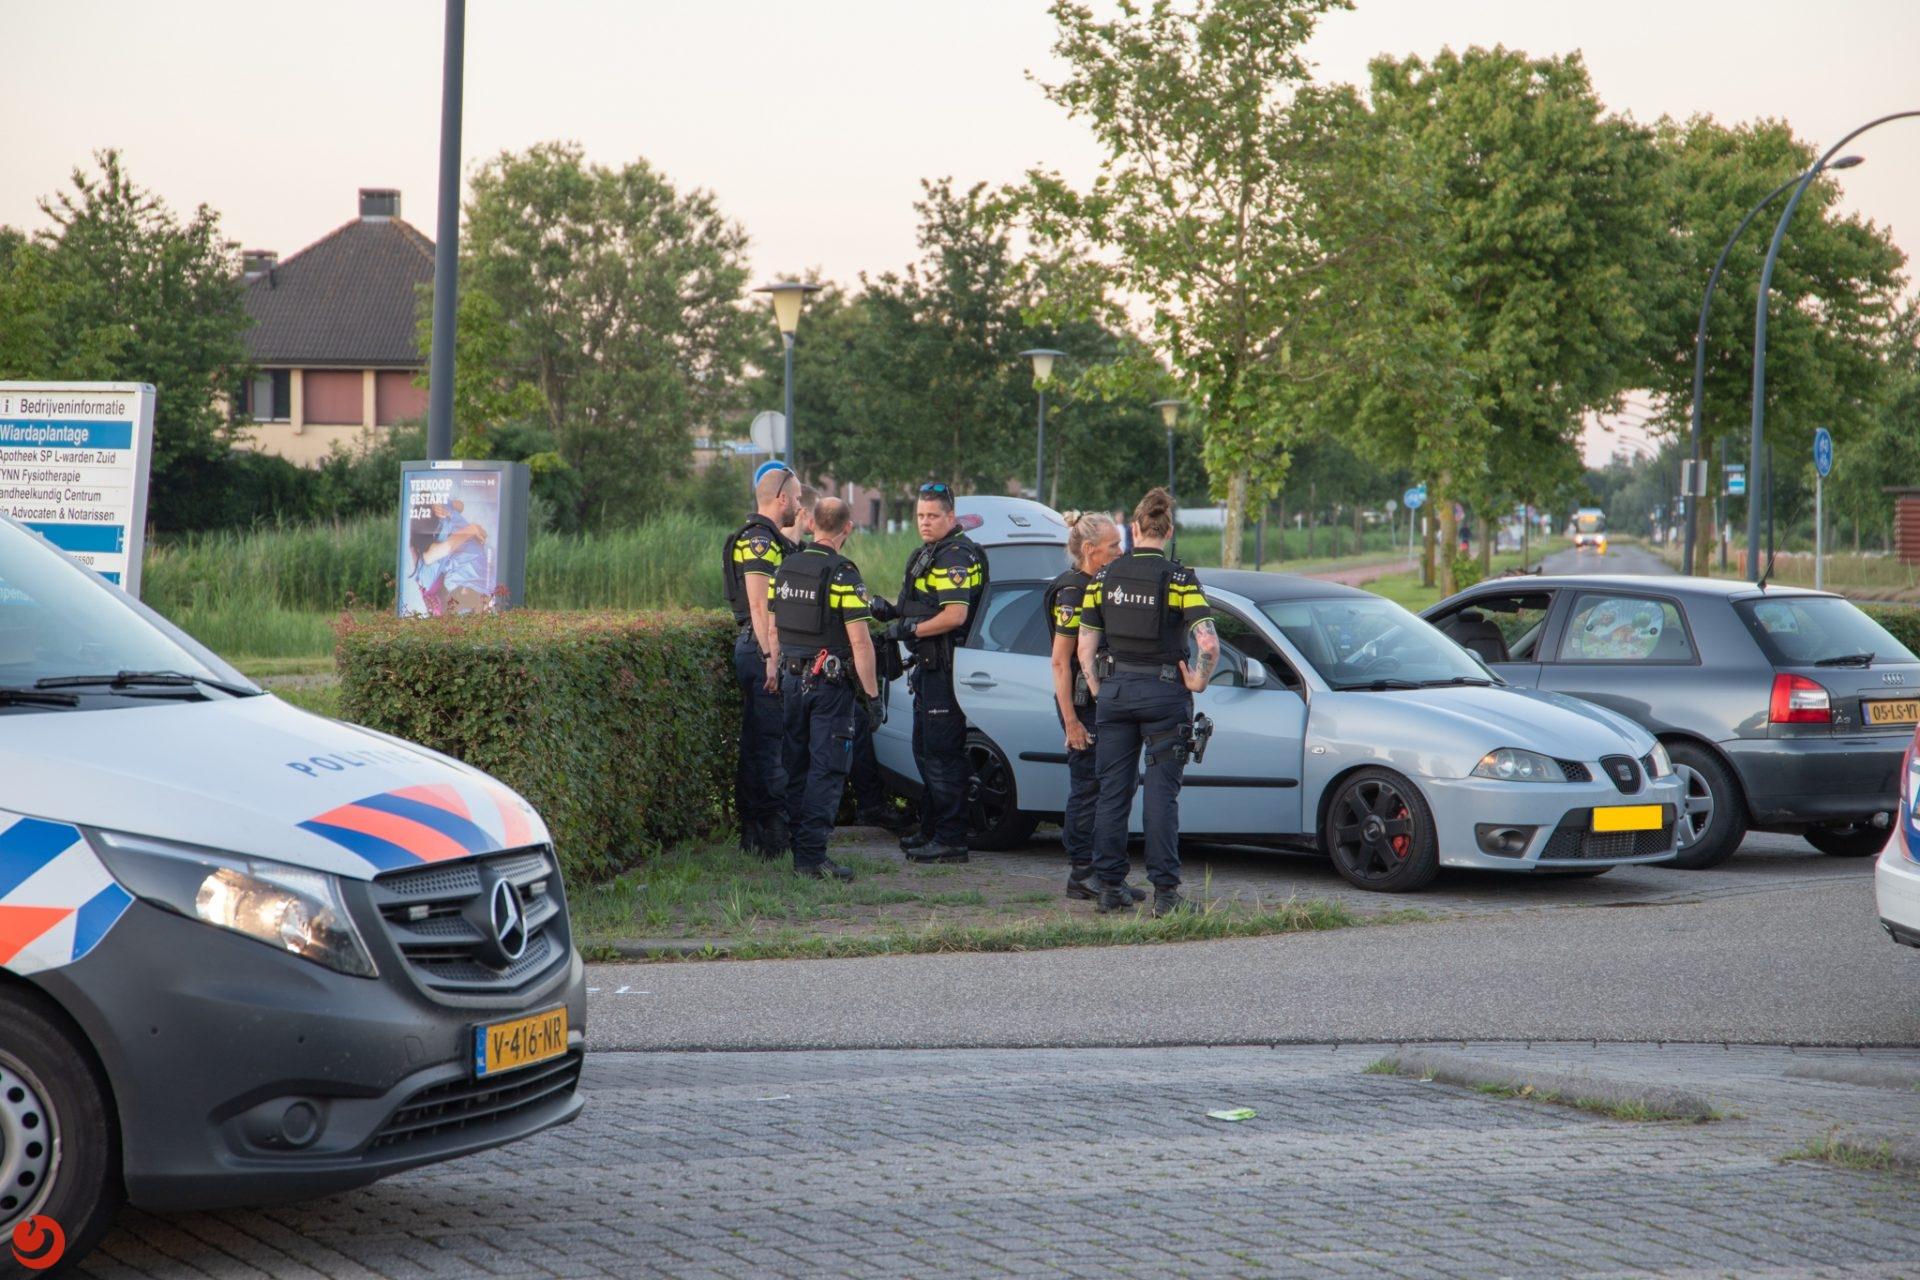 Aanhouding vanwege mogelijk vuurwapen in Leeuwarden